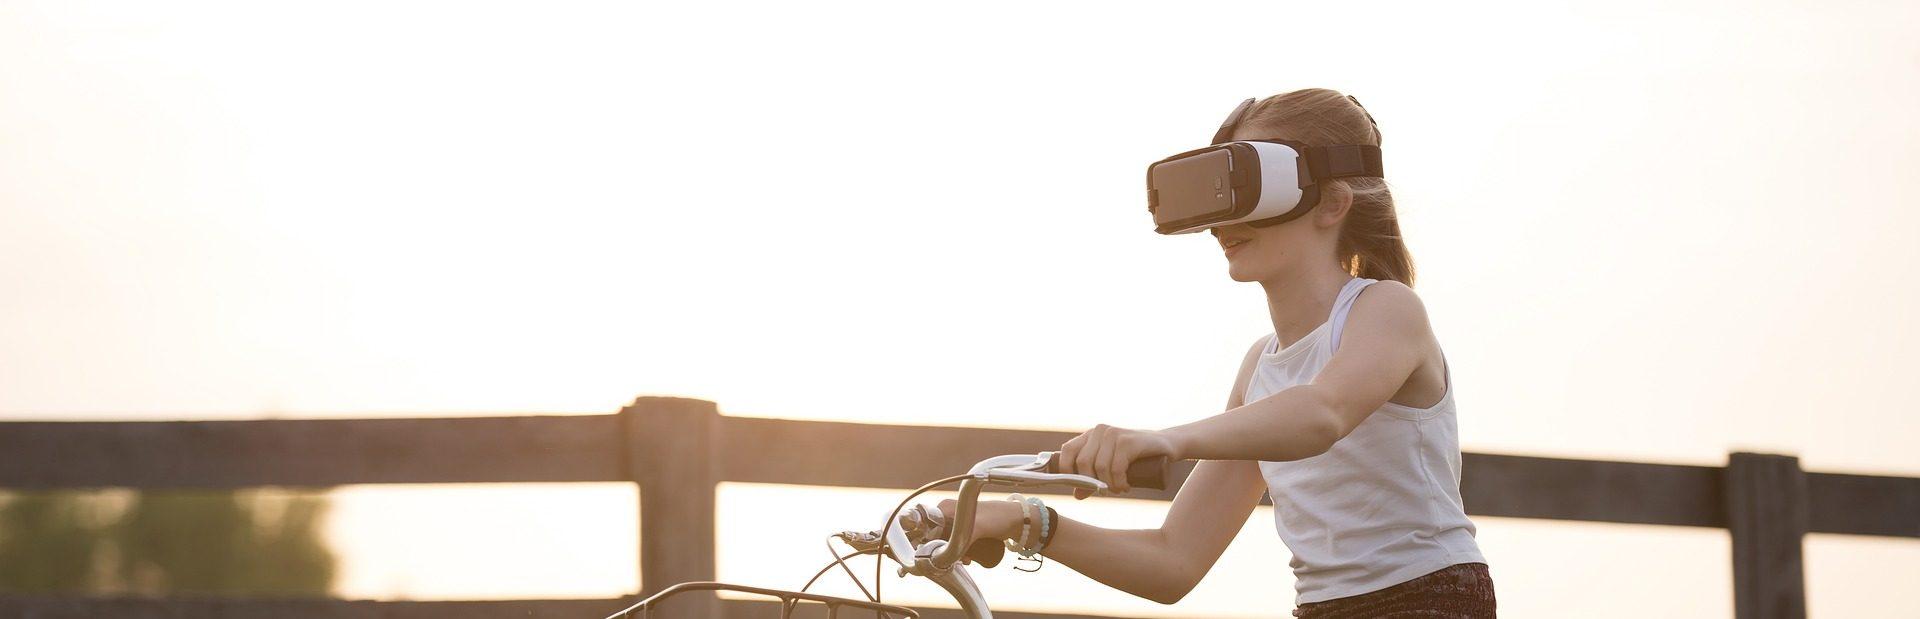 Realtà virtuale e turismo, una relazione possibile?